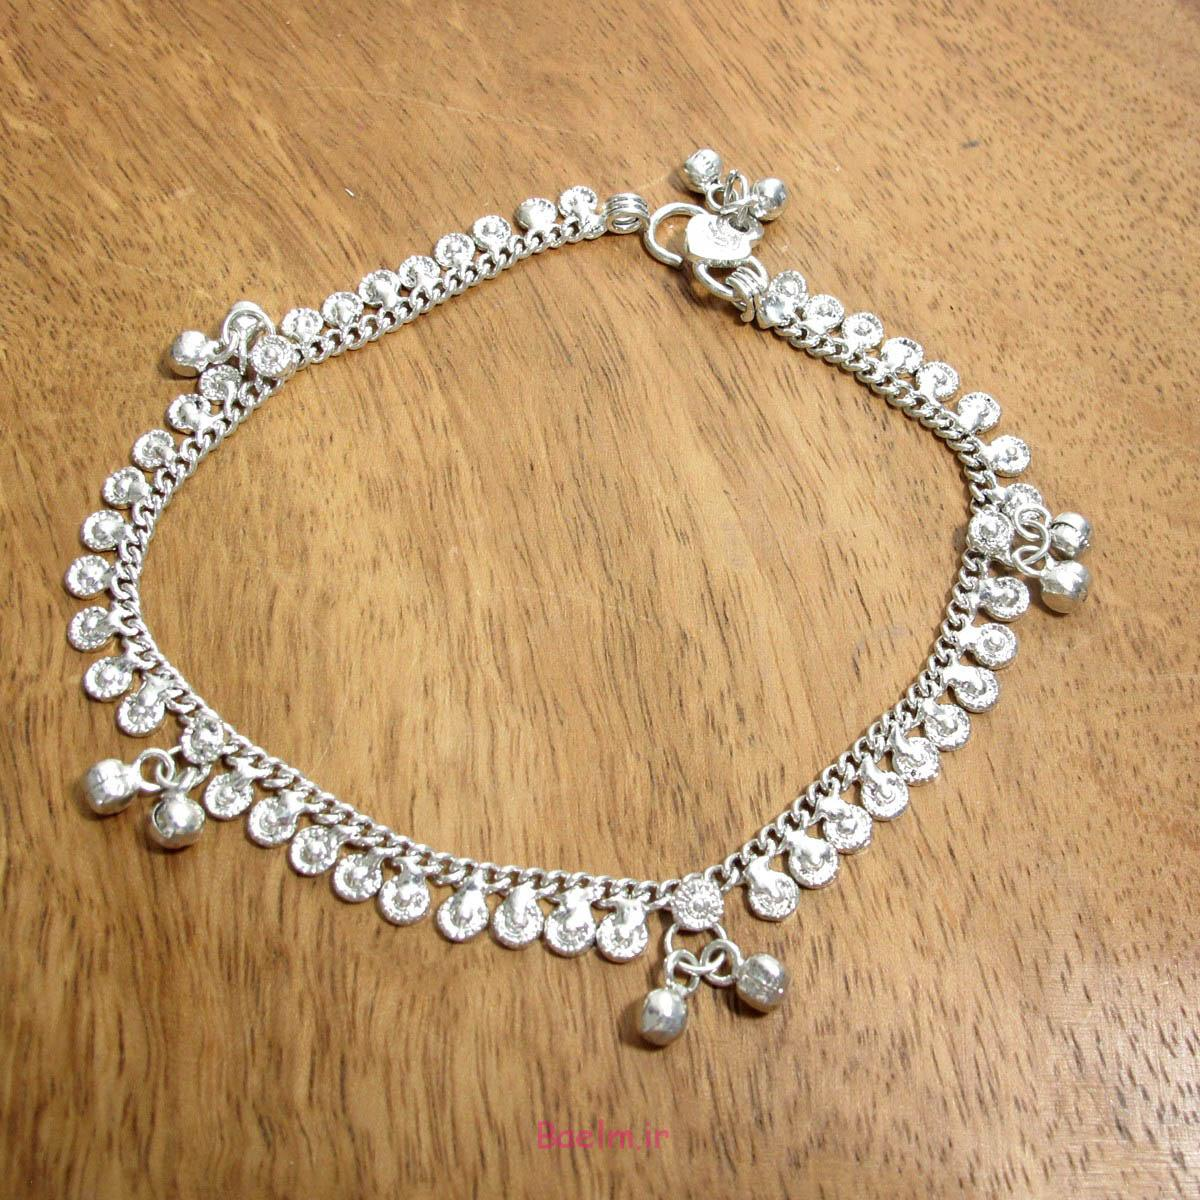 ankle bracelet 15 Ankle Bracelet Designs